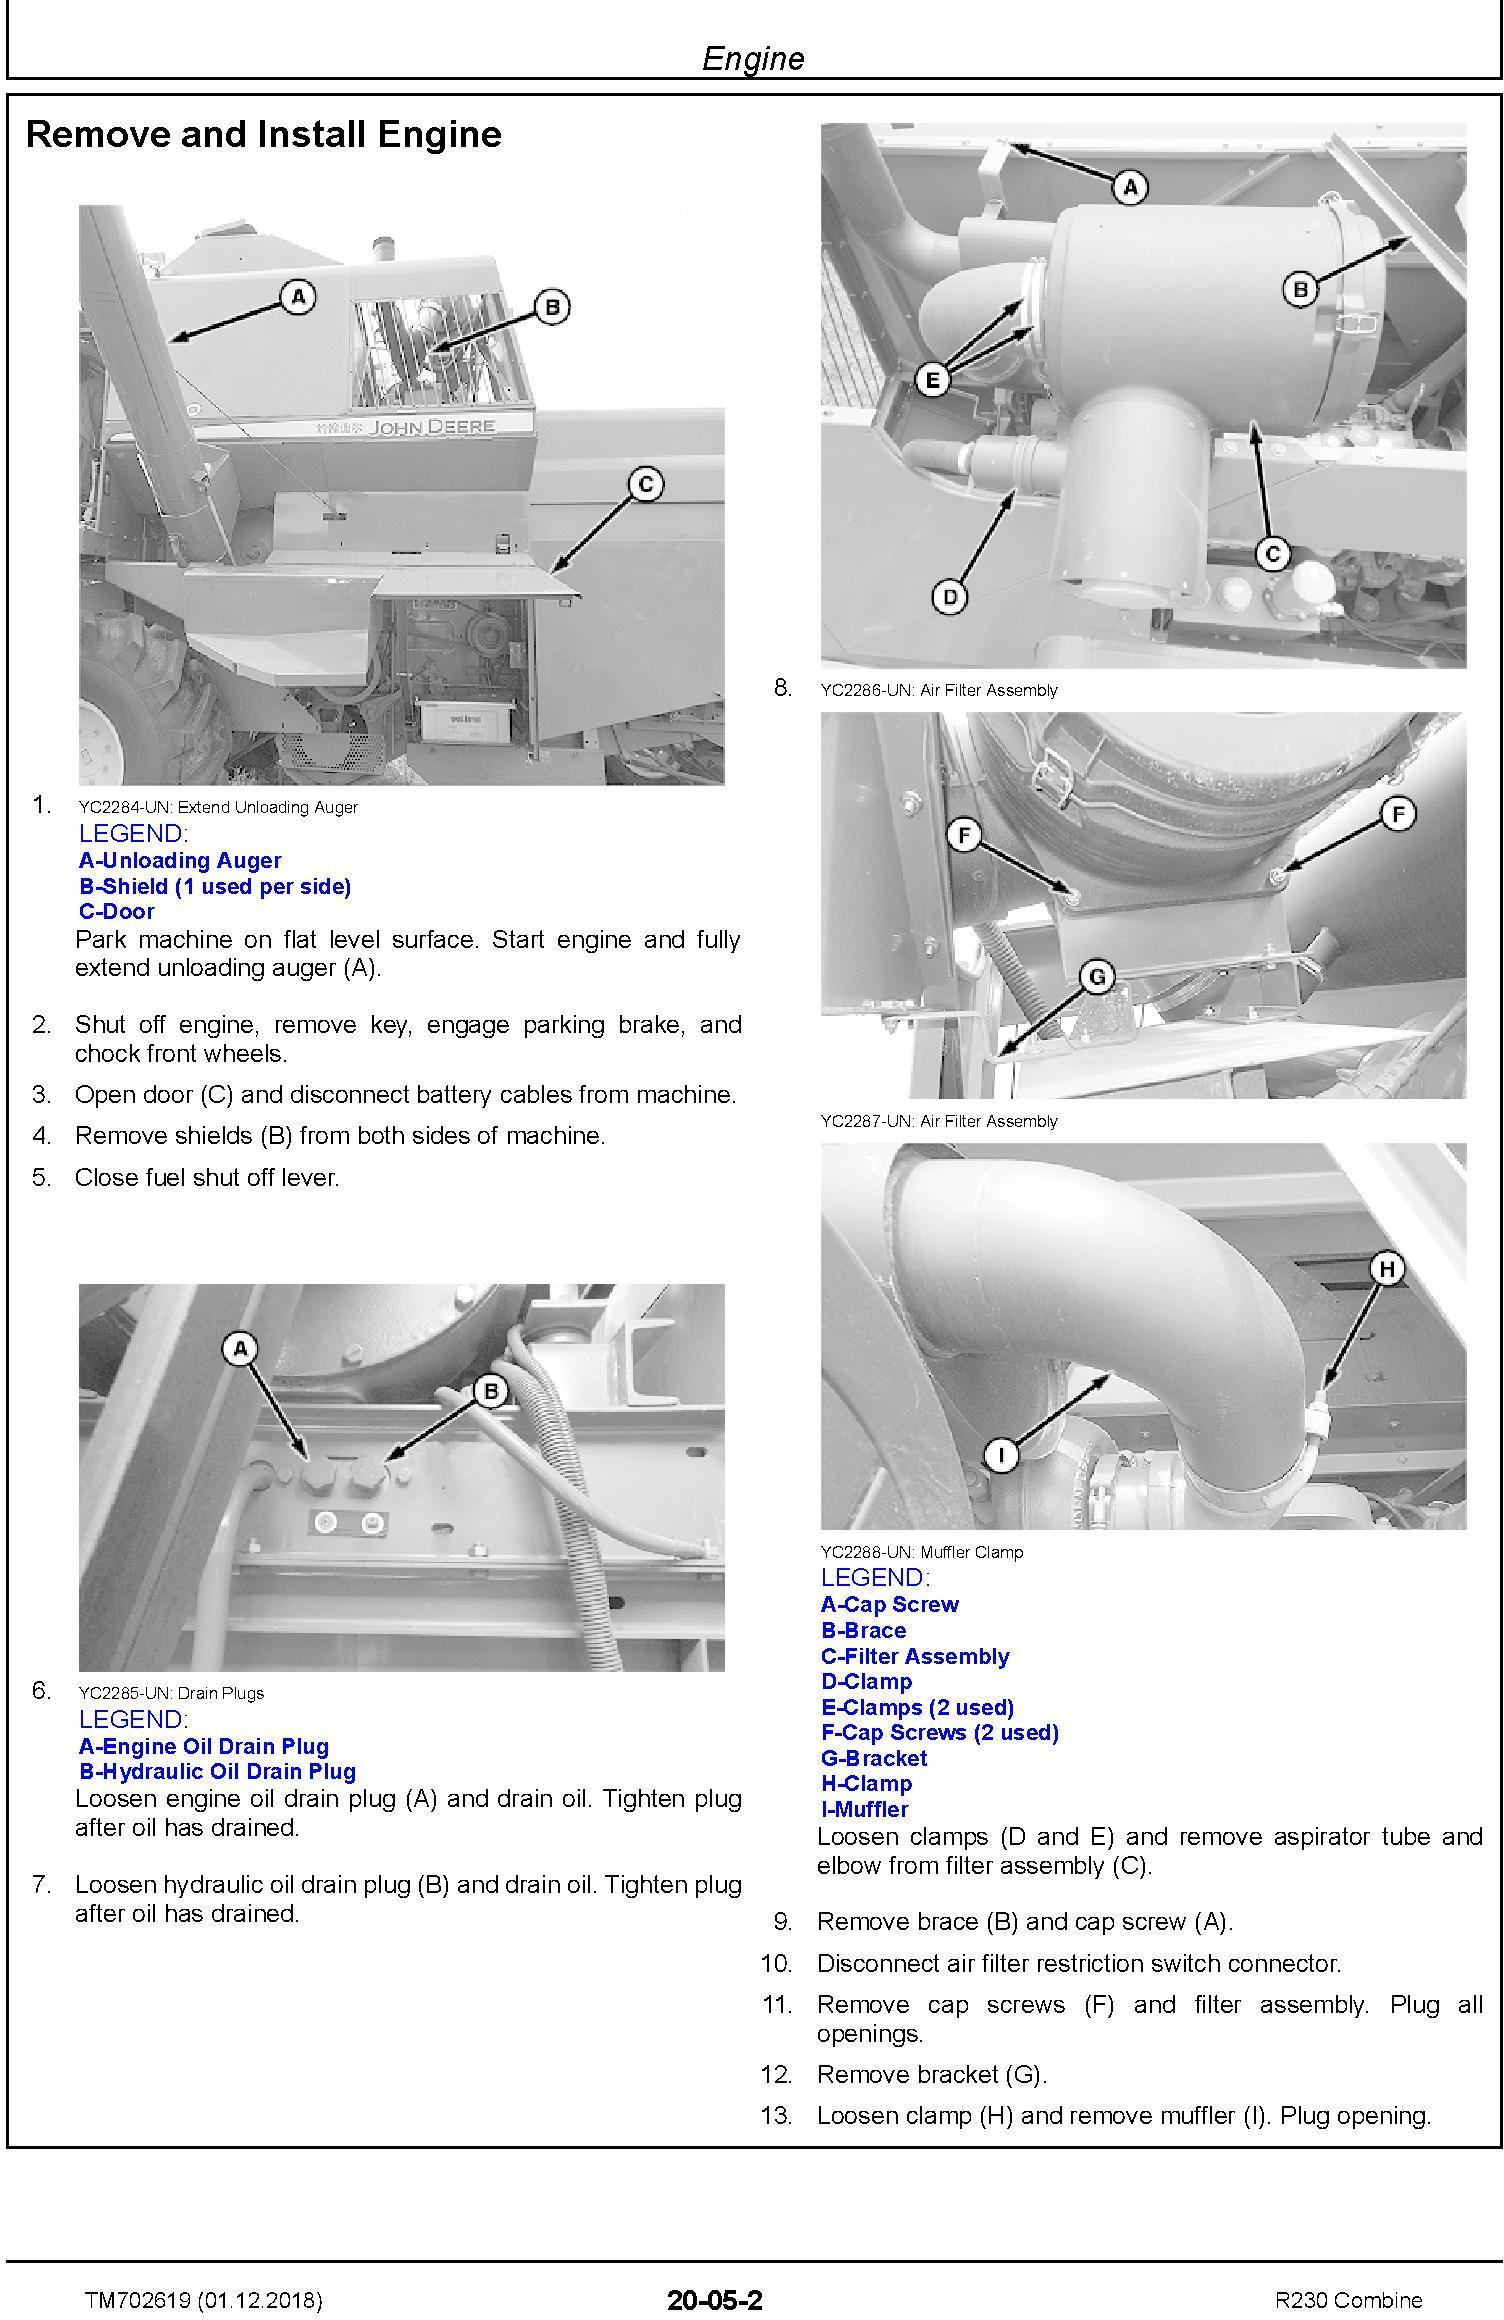 John Deere R230 Combine Technical Service Manual (TM702619) - 1